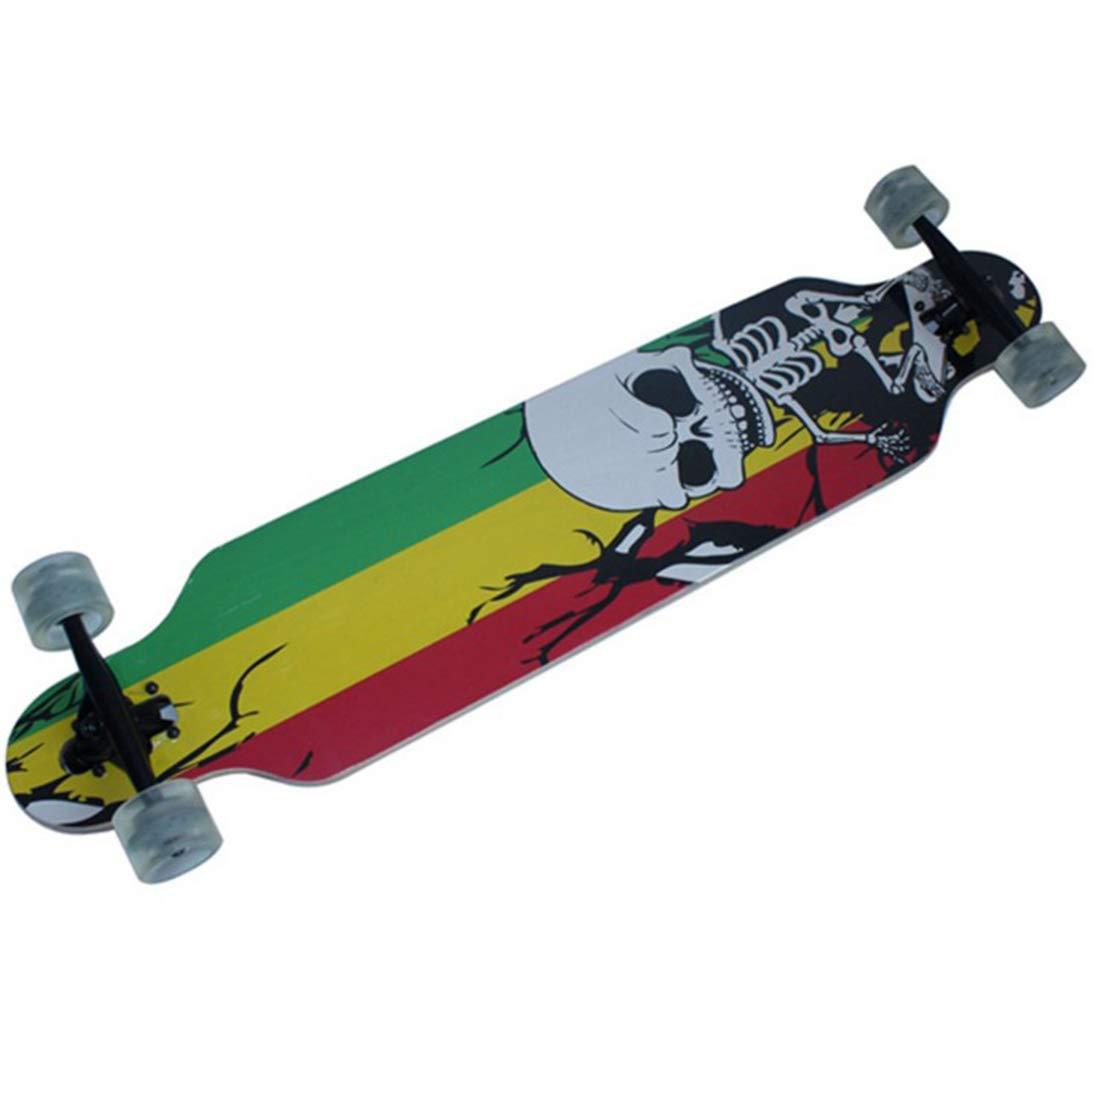 お得セット 铁锋区志诚机电商店 ストリートスケートボードアダルトストリートロングボードスケートボードプラスメイプルダブルパネルエクストリームスポーツ (サイズ (サイズ : 41cm) B07R6YWST8 B07R6YWST8 : 41cm, OnlySelect:8e2a5fd2 --- 4x4.lt